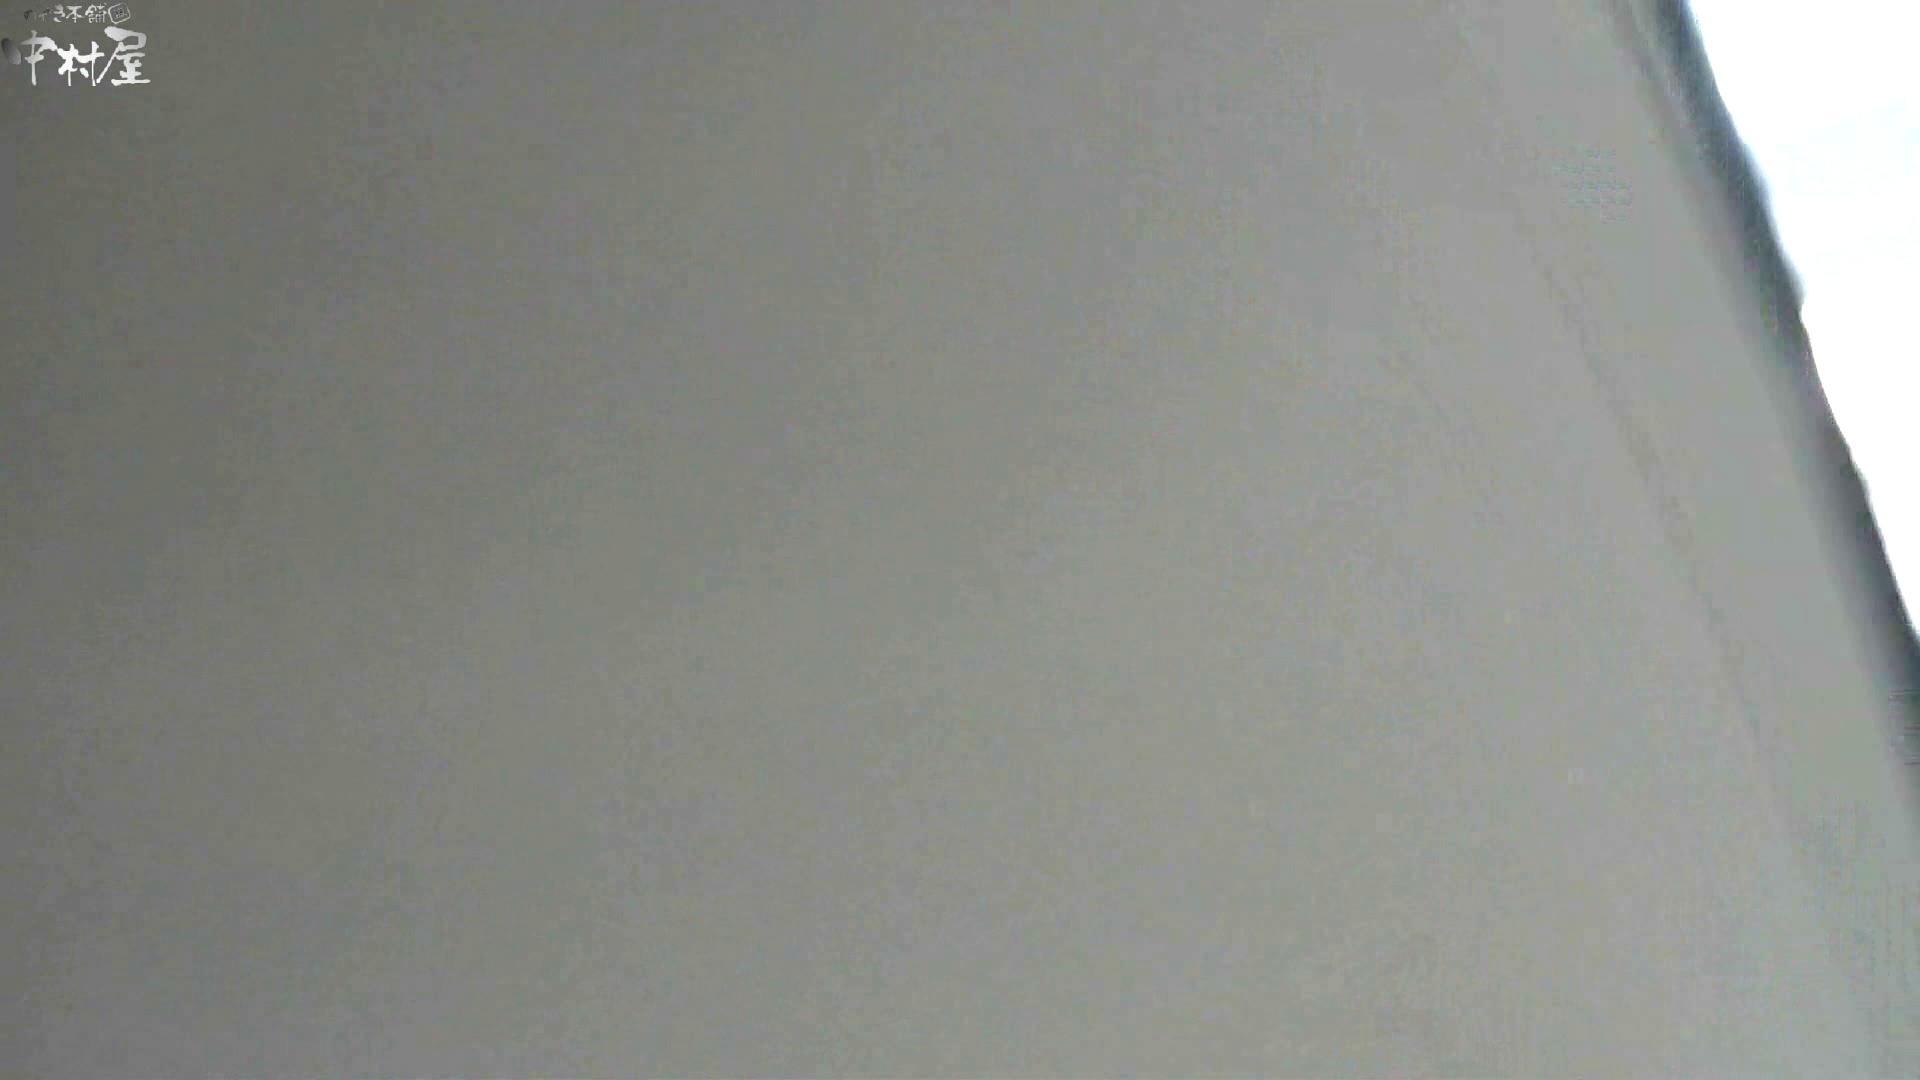 お市さんの「お尻丸出しジャンボリー」No.03 お尻 | 黄金水  70画像 69